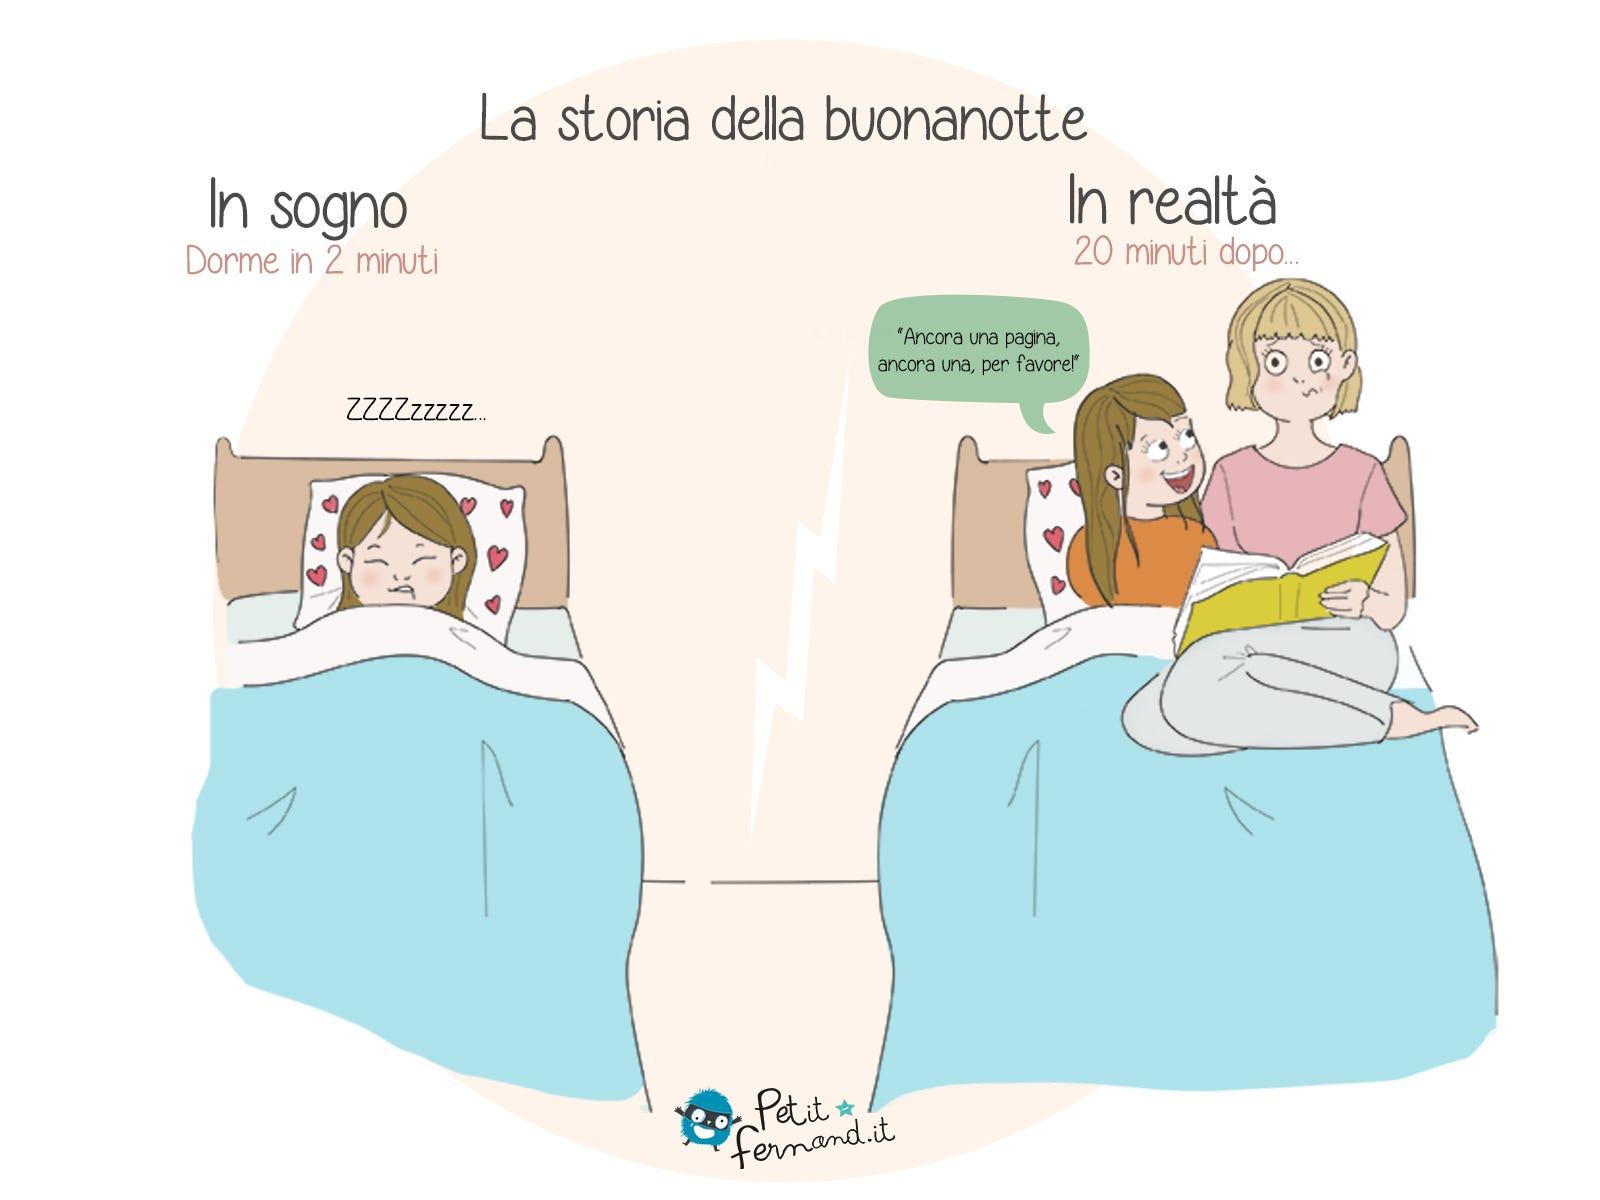 Tutti i genitori sanno che la famosa storia della buonanotte può durare davvero tanto!